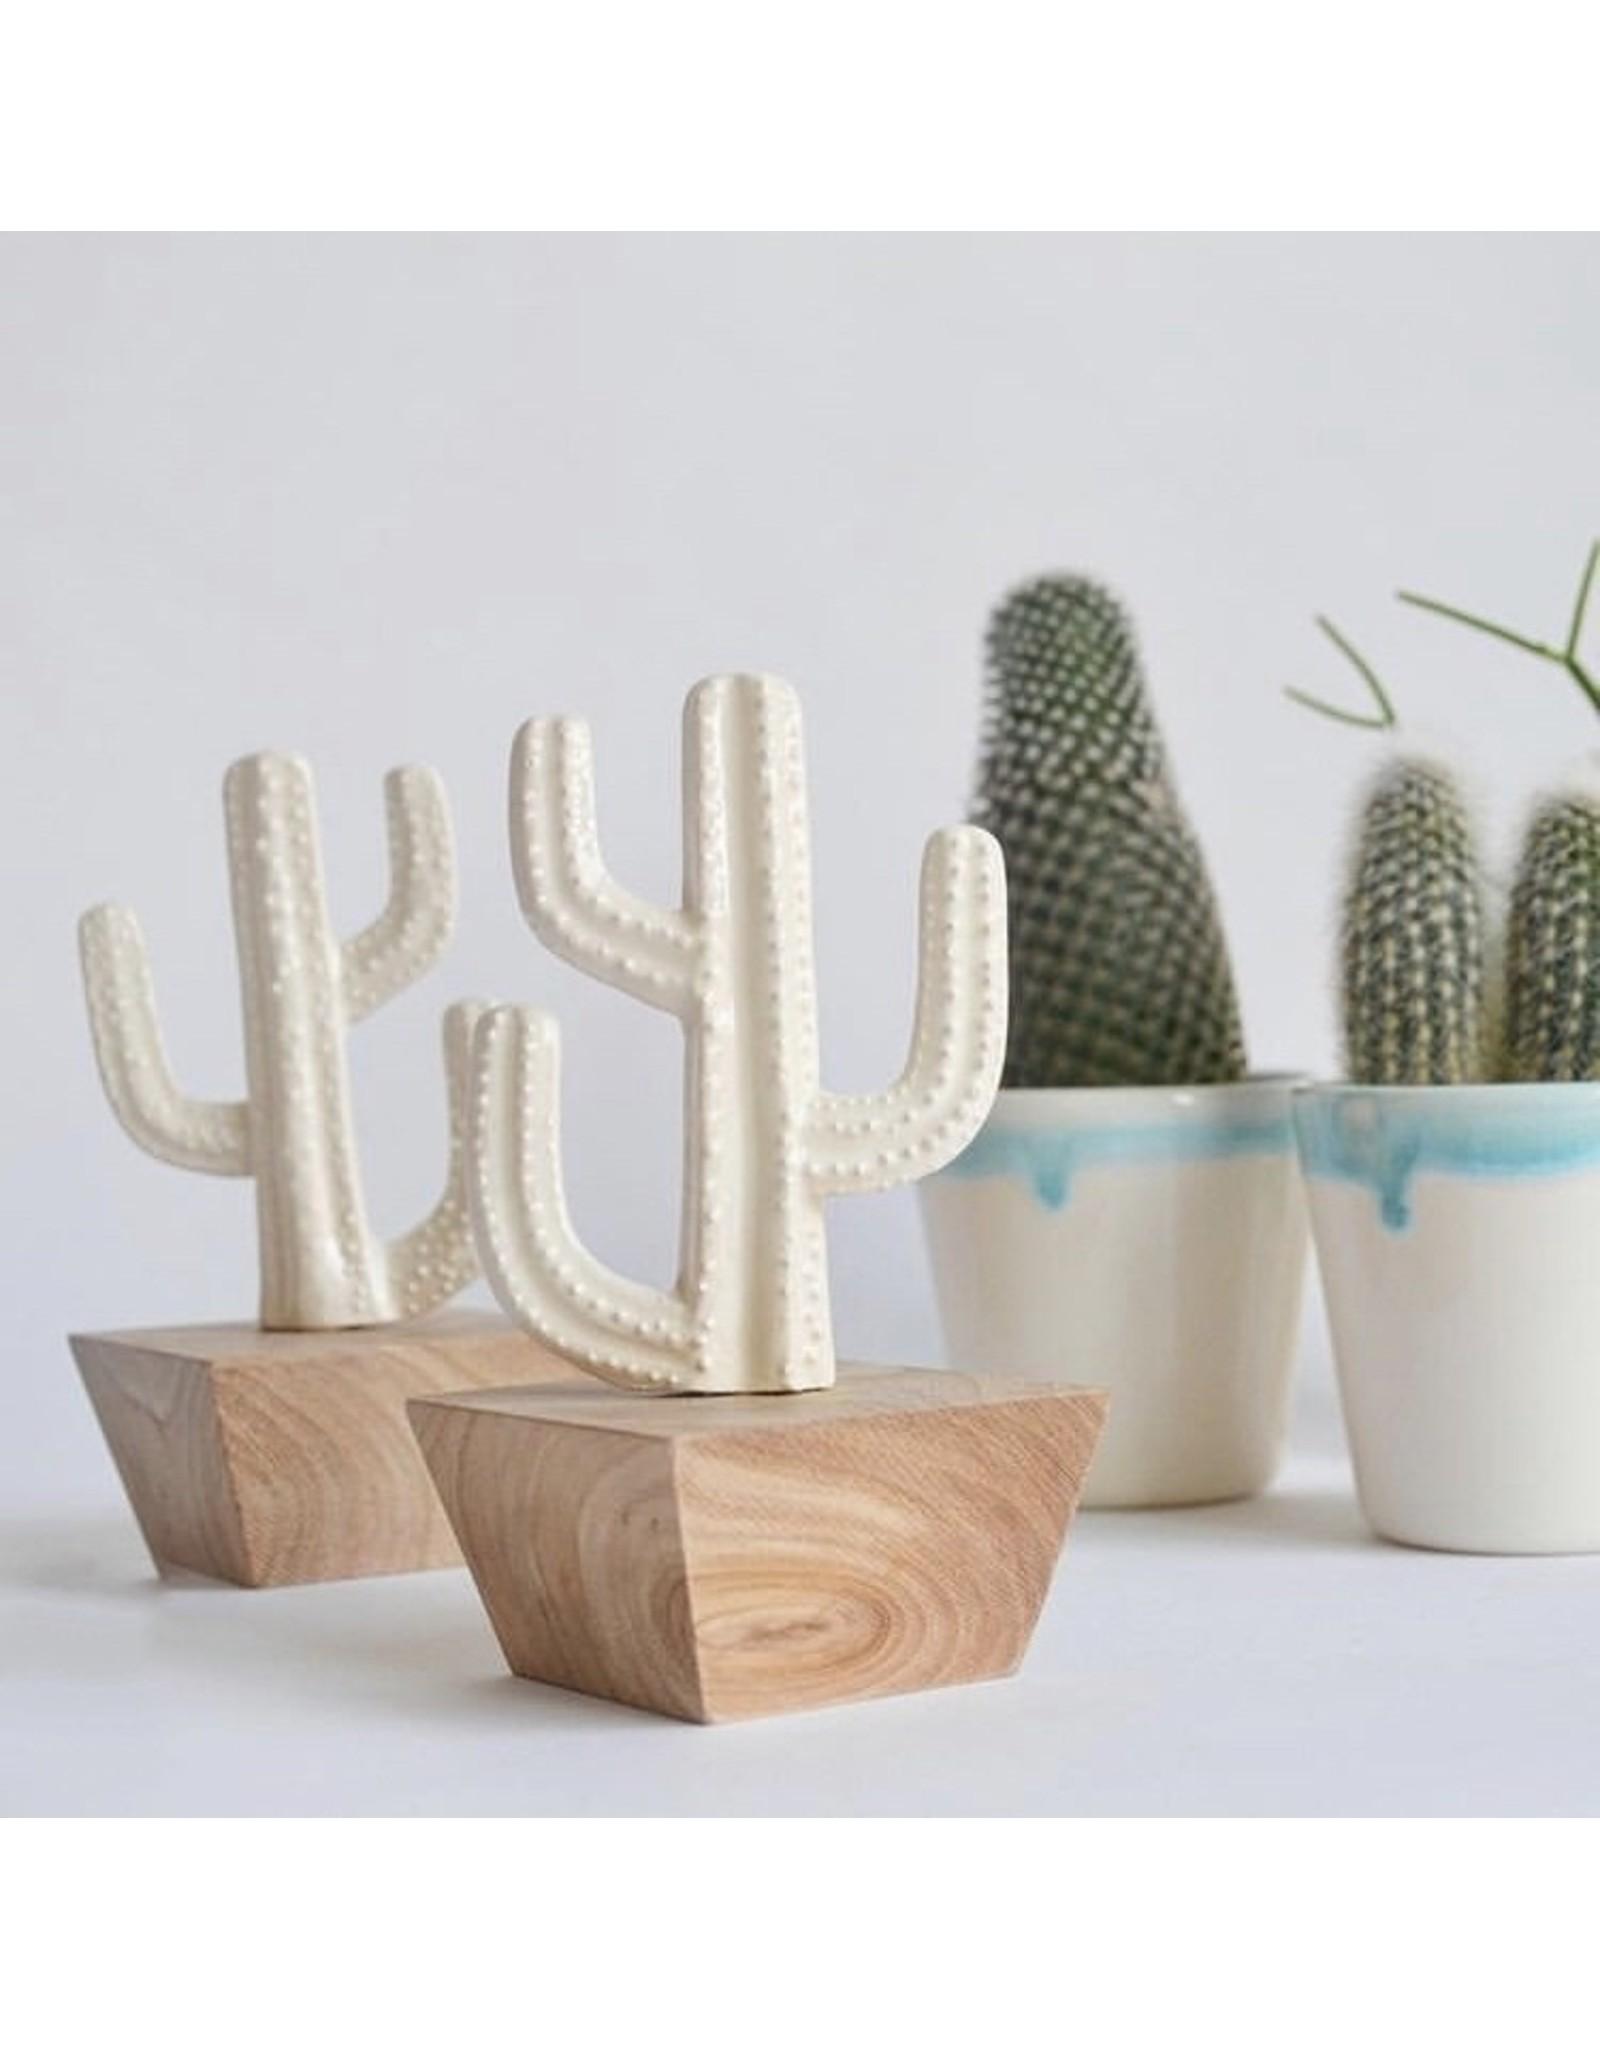 Kesemy design Keramische Cactus met houten pot - Keramiek + Hout - 13 x 6 x 6 cm - Handgemaakt